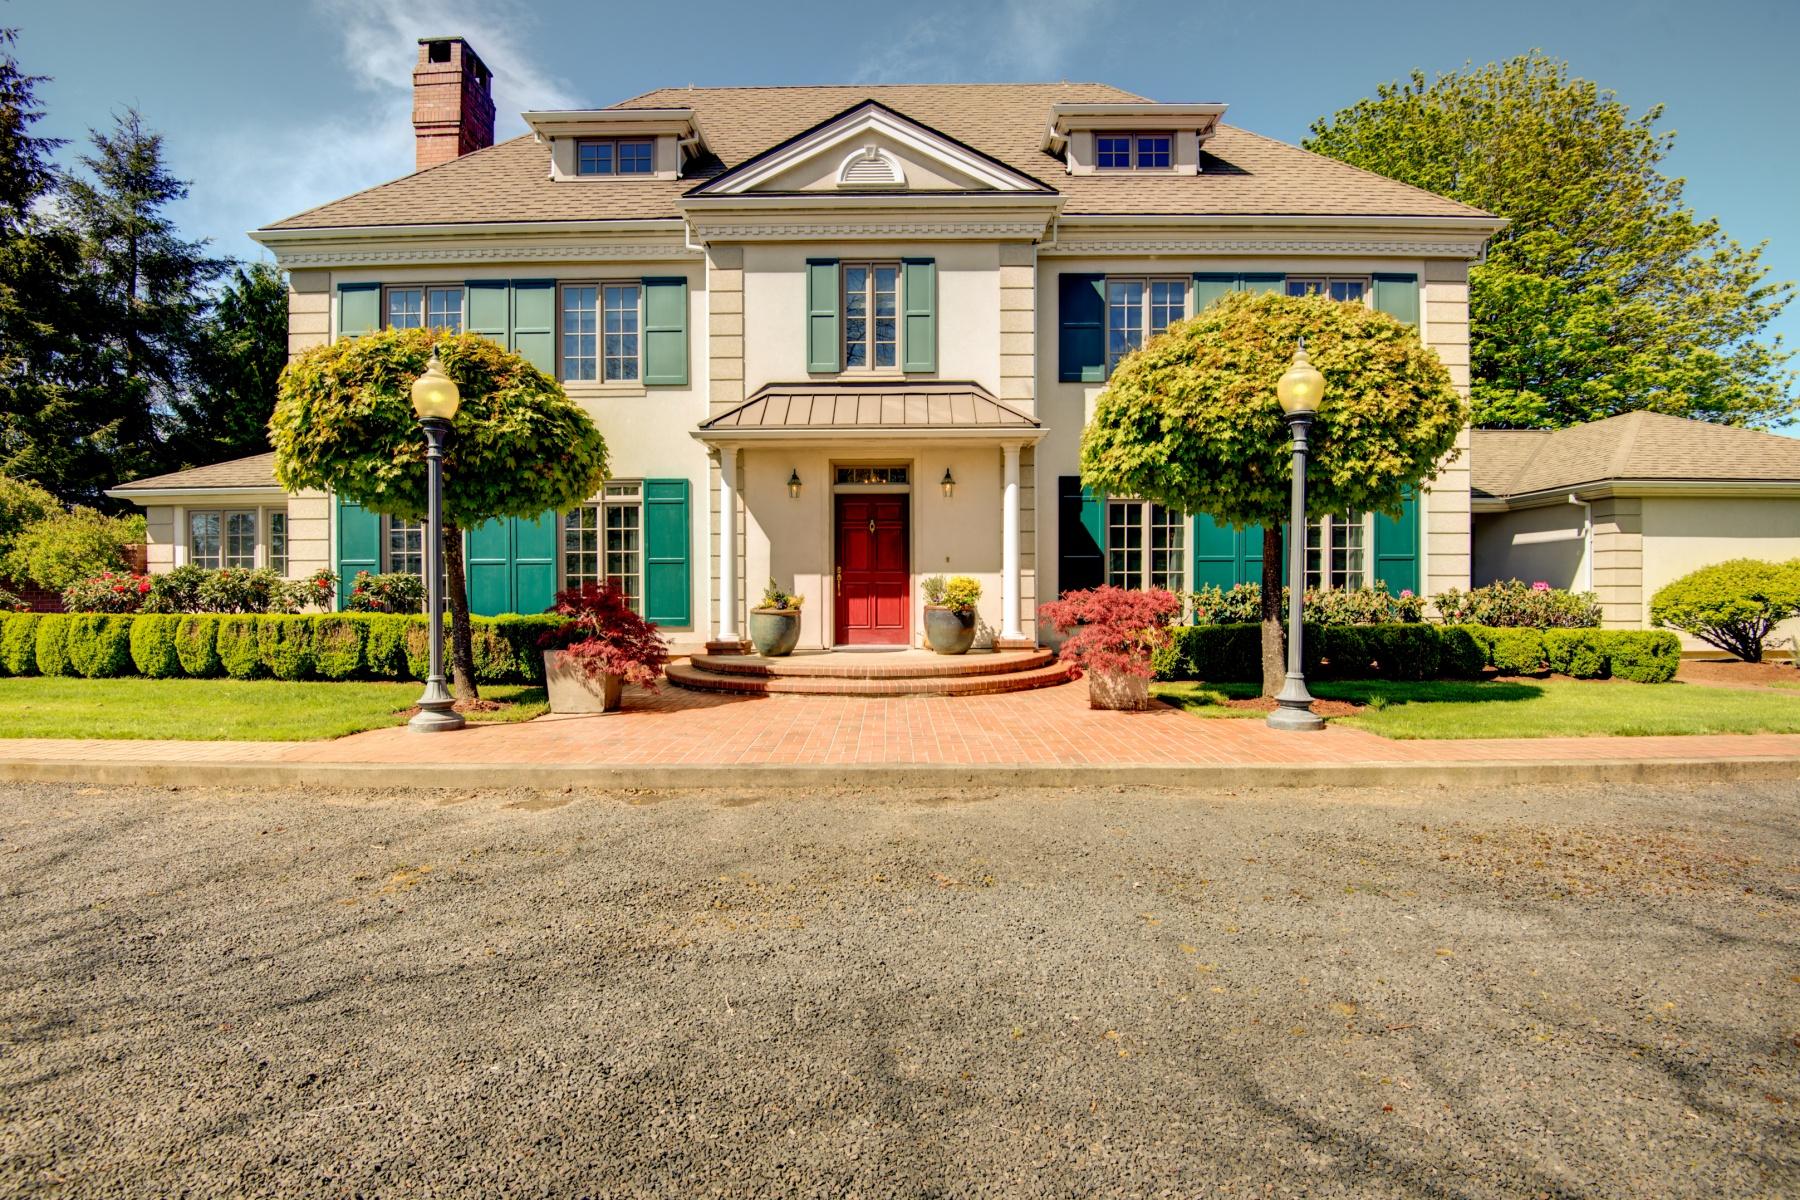 Casa Unifamiliar por un Venta en Exquisite Georgian Estate on 5 Acres 805 LONE OAK Rd Longview, Washington 98632 Estados Unidos